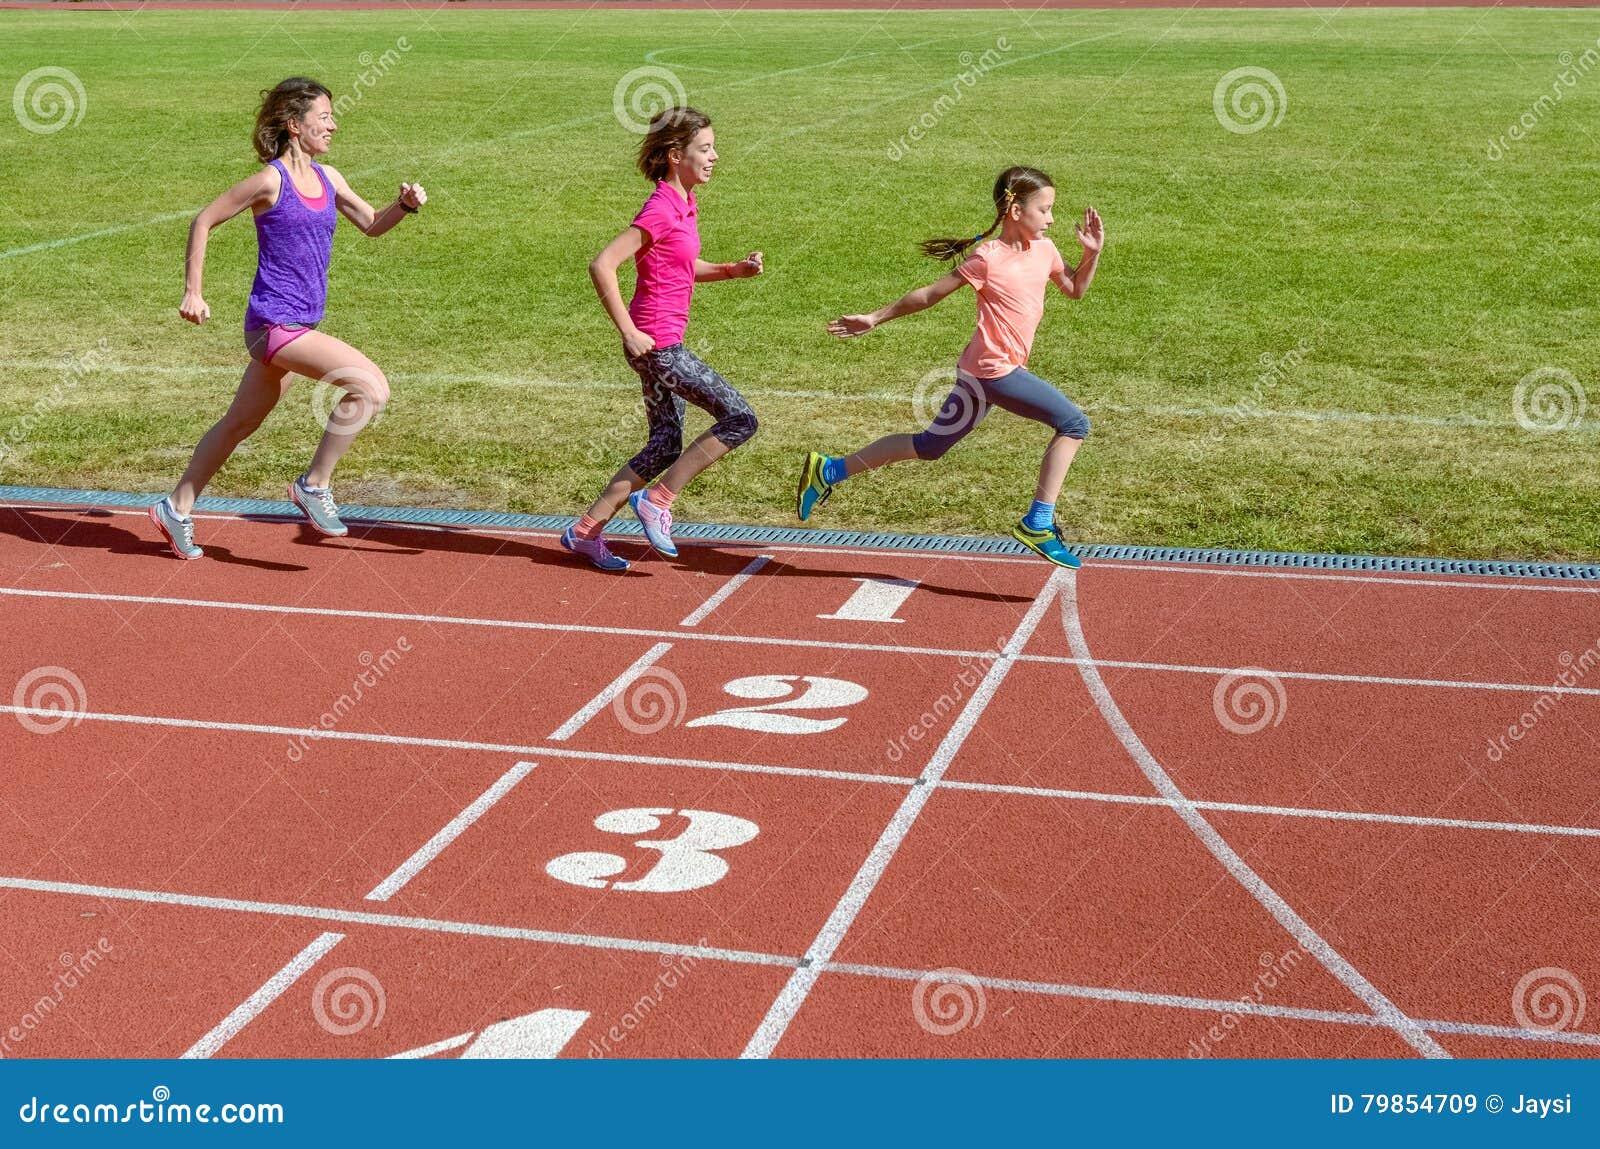 Ο οικογενειακοί αθλητισμός, η μητέρα και τα παιδιά που τρέχουν στο στάδιο ακολουθούν, κατάρτιση και ικανότητα παιδιών